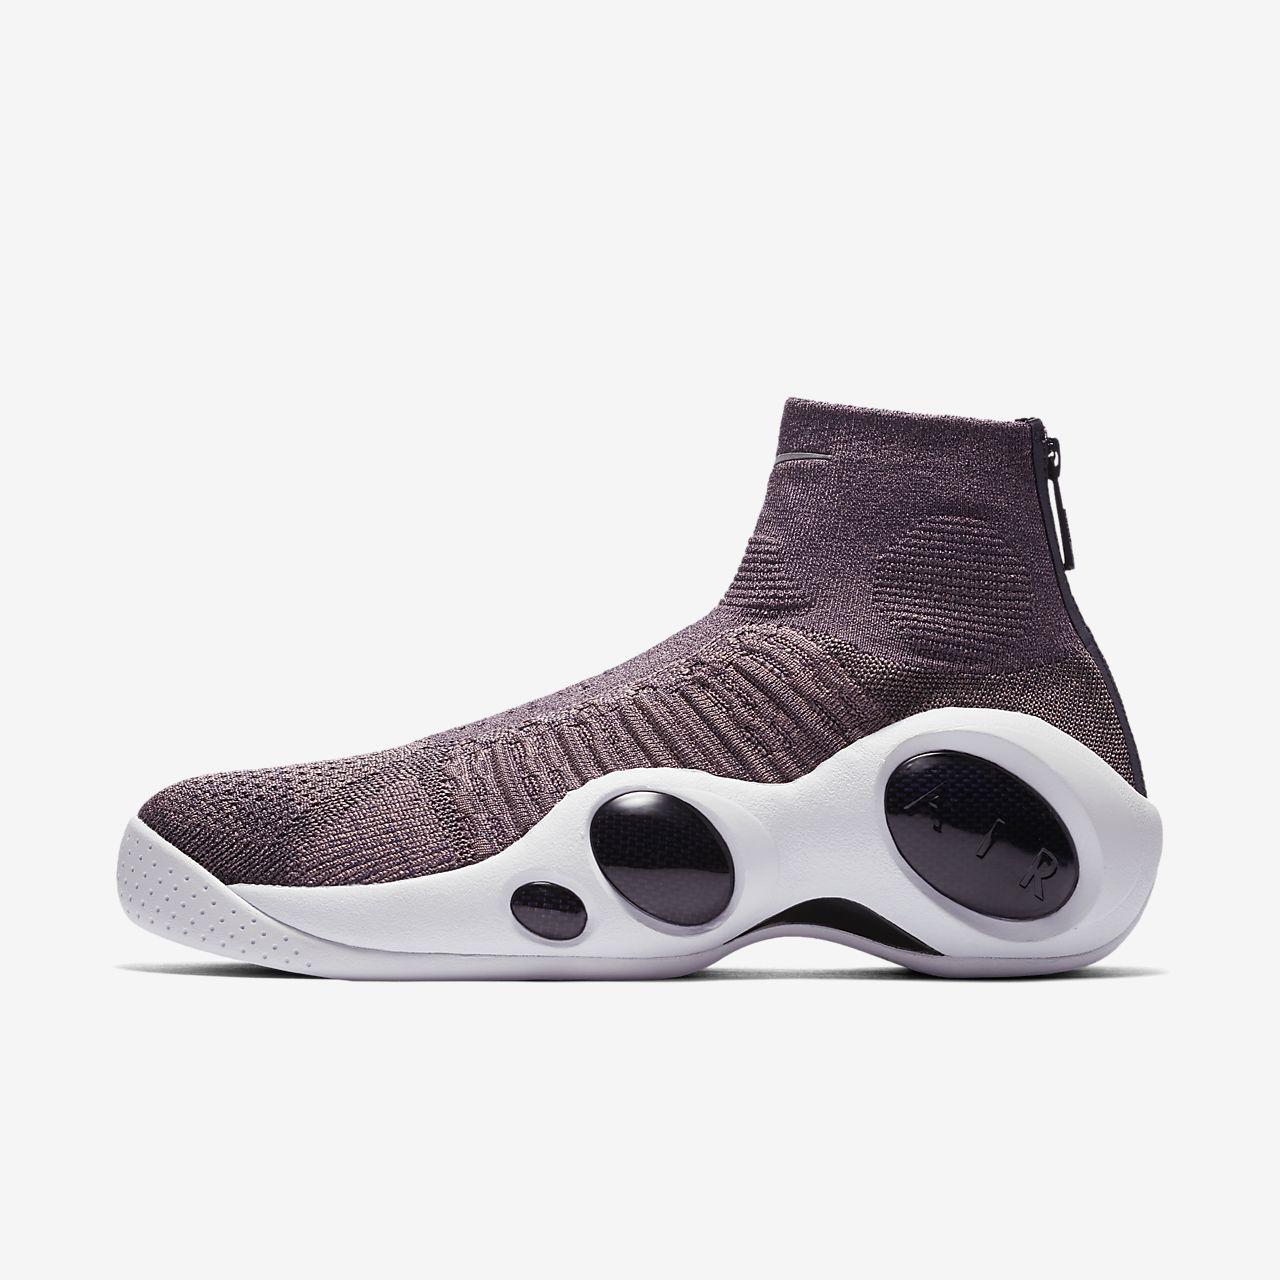 00efb370b019e4 Nike Flight Bonafide Men s Shoe. Nike.com GB